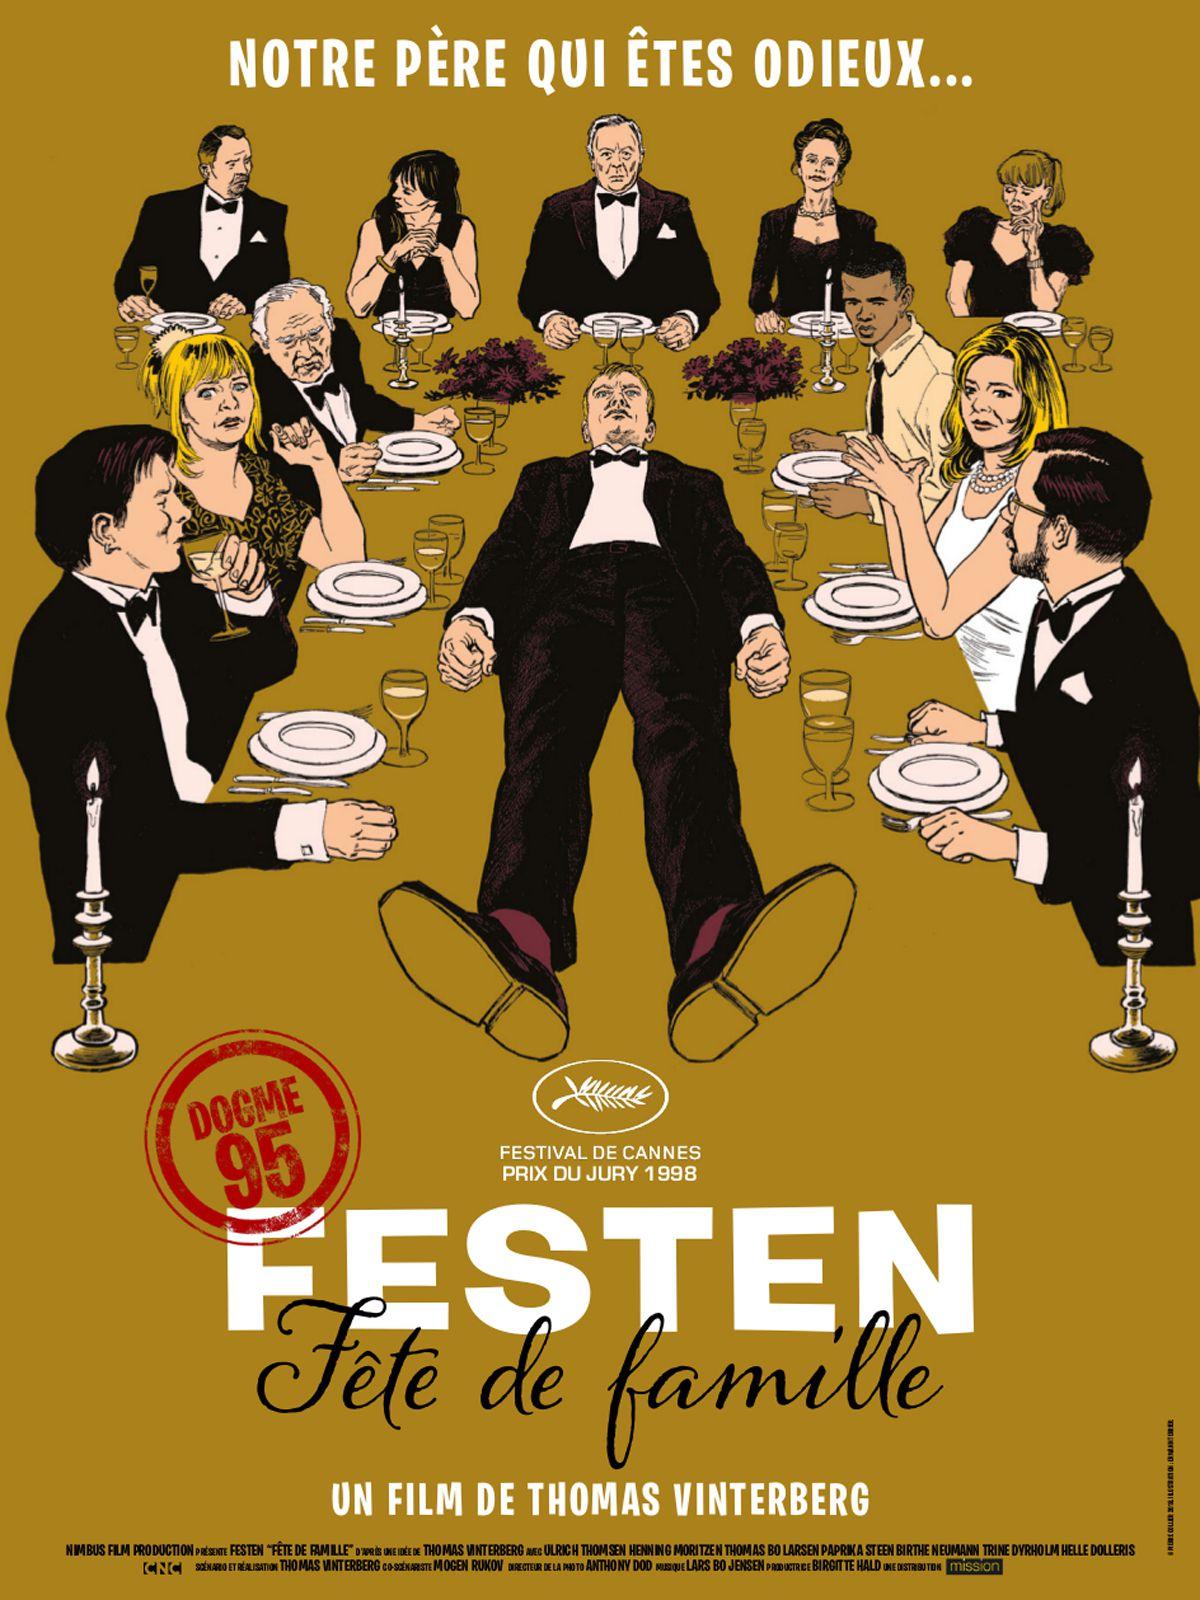 FESTEN - Thomas Vinterberg (1998)